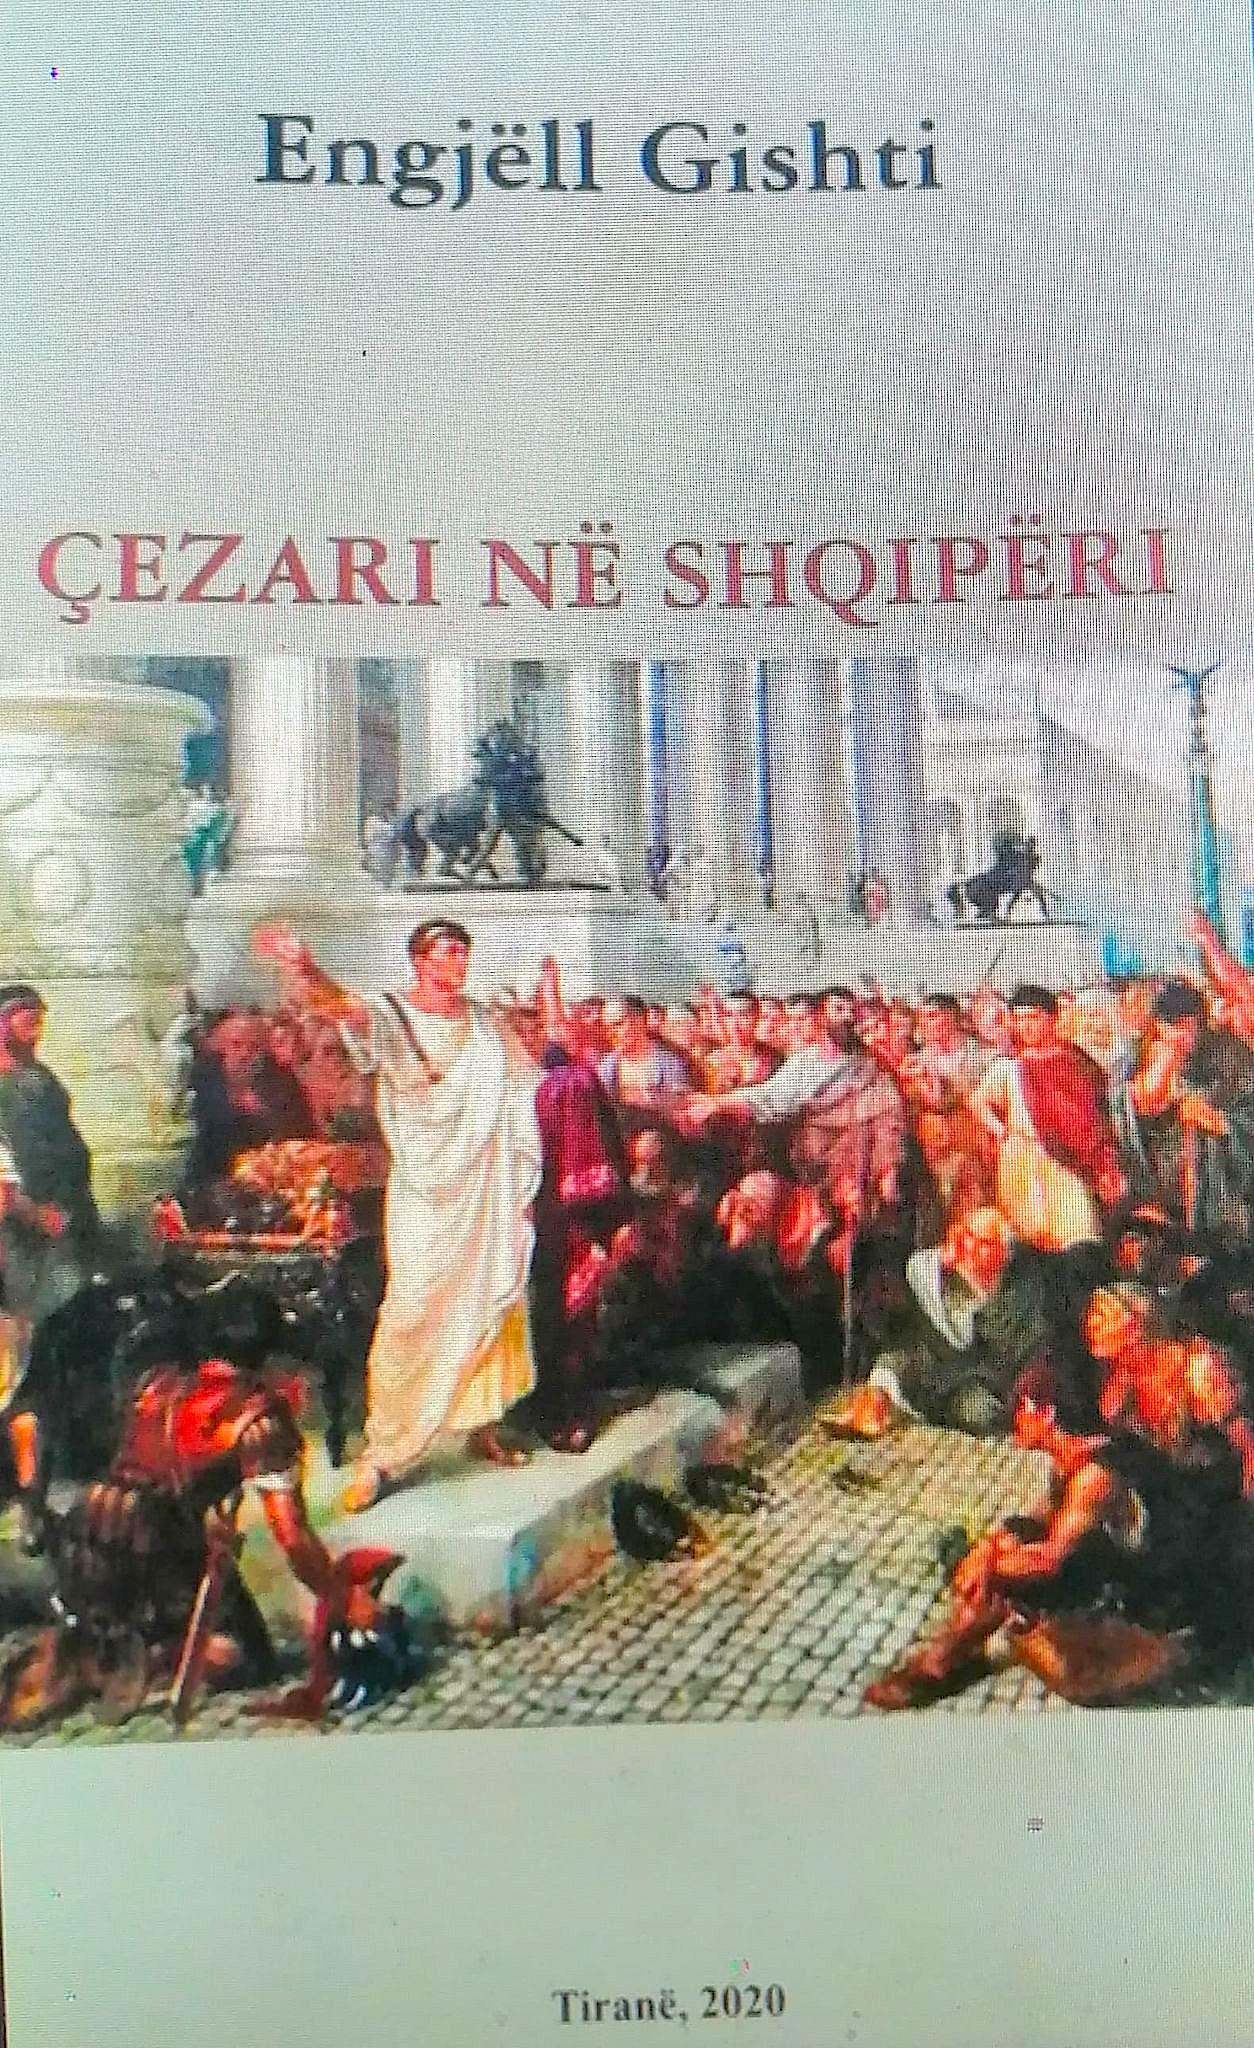 Cezari në Shqipëri - Engjëll Gishti